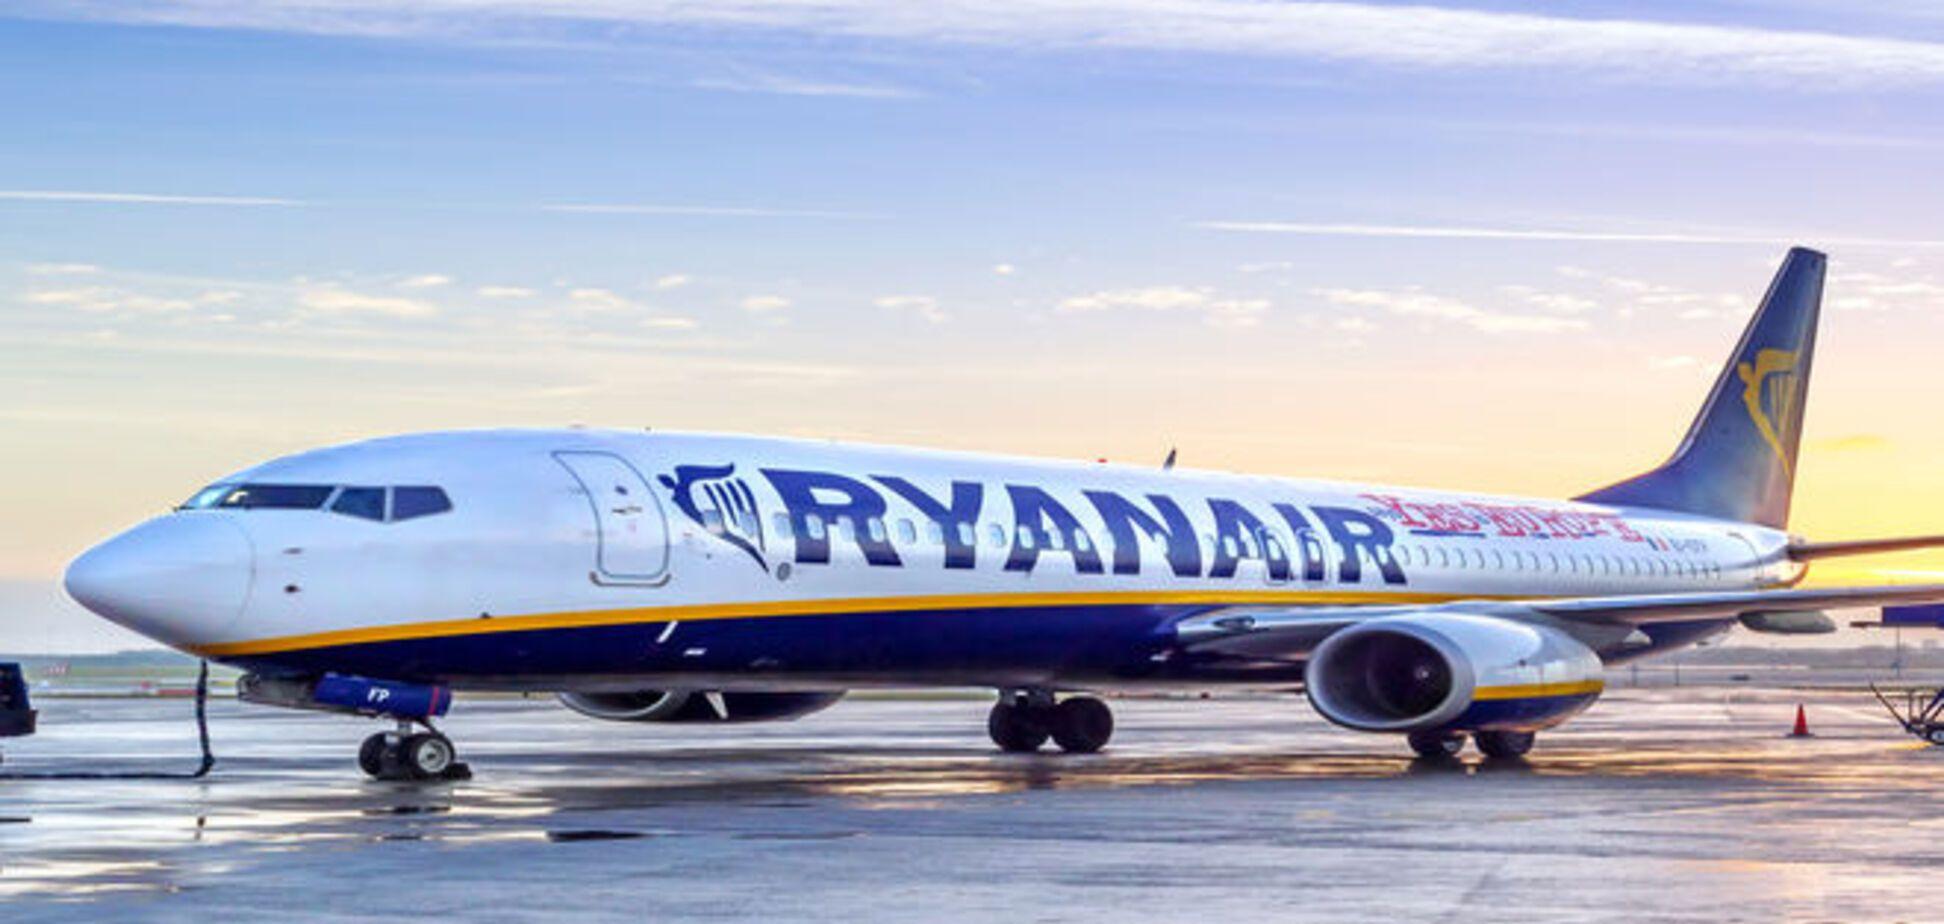 Крупнейший лоукост-авиаперевозчик Европы планирует зайти в Украину